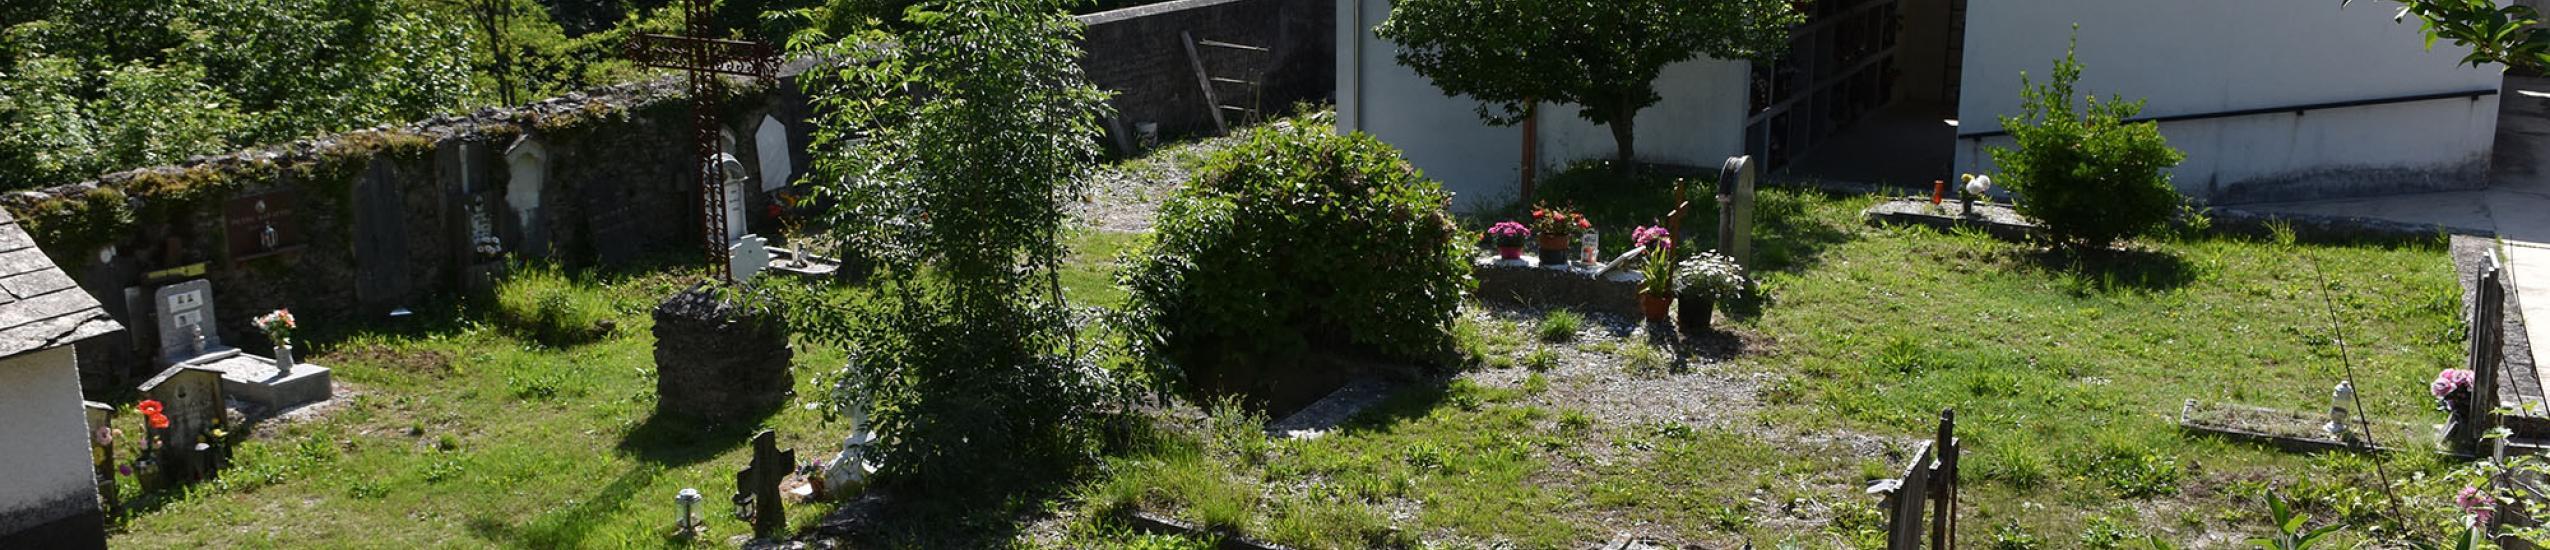 L'area cimiteriale